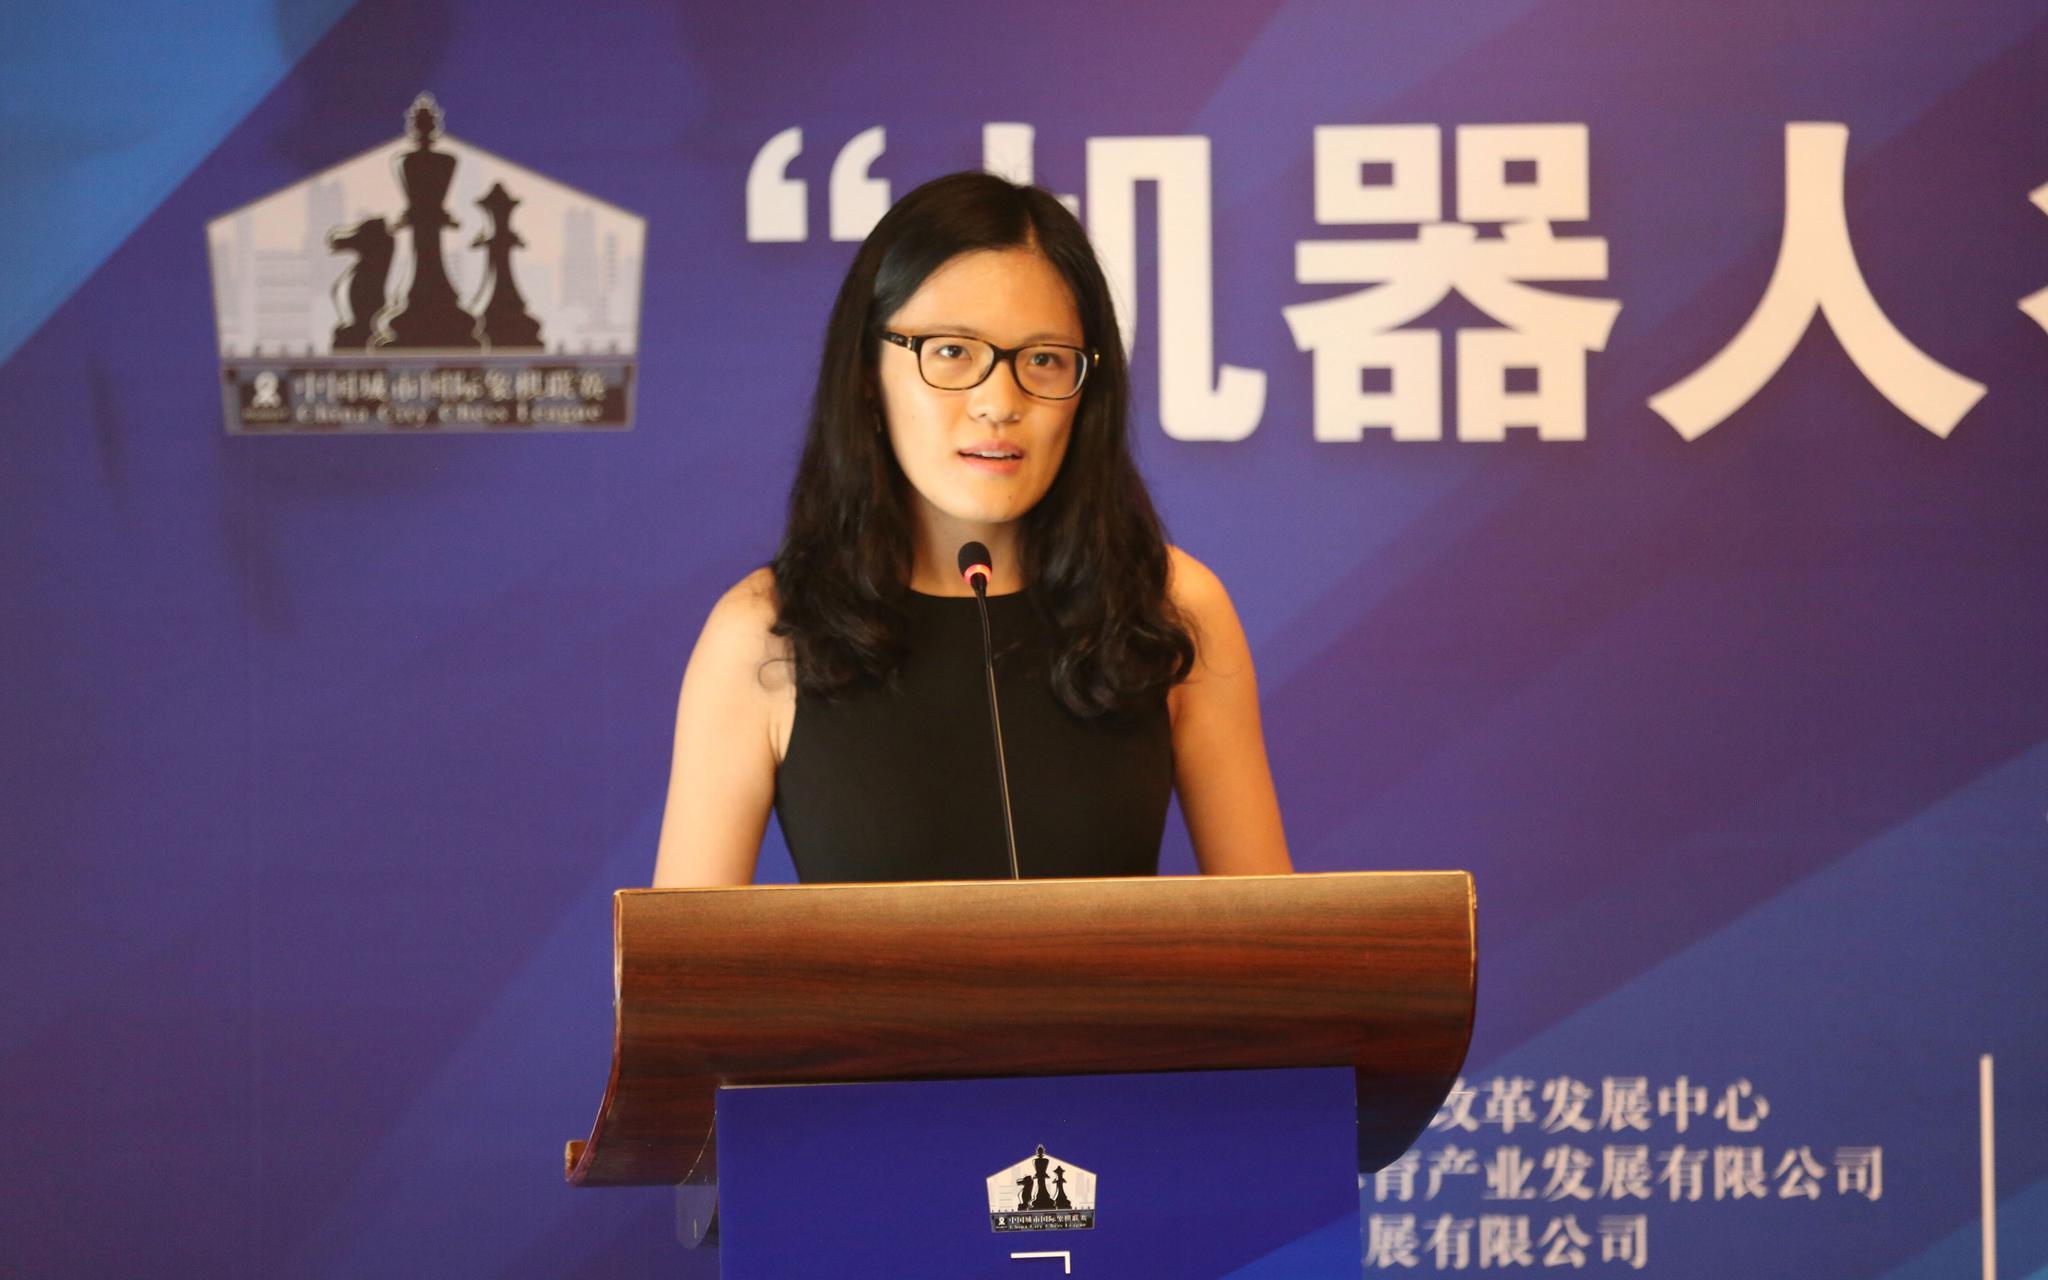 棋后侯逸凡在启动仪式上发言,她将代表济南队参赛。新京报记者孙海光摄